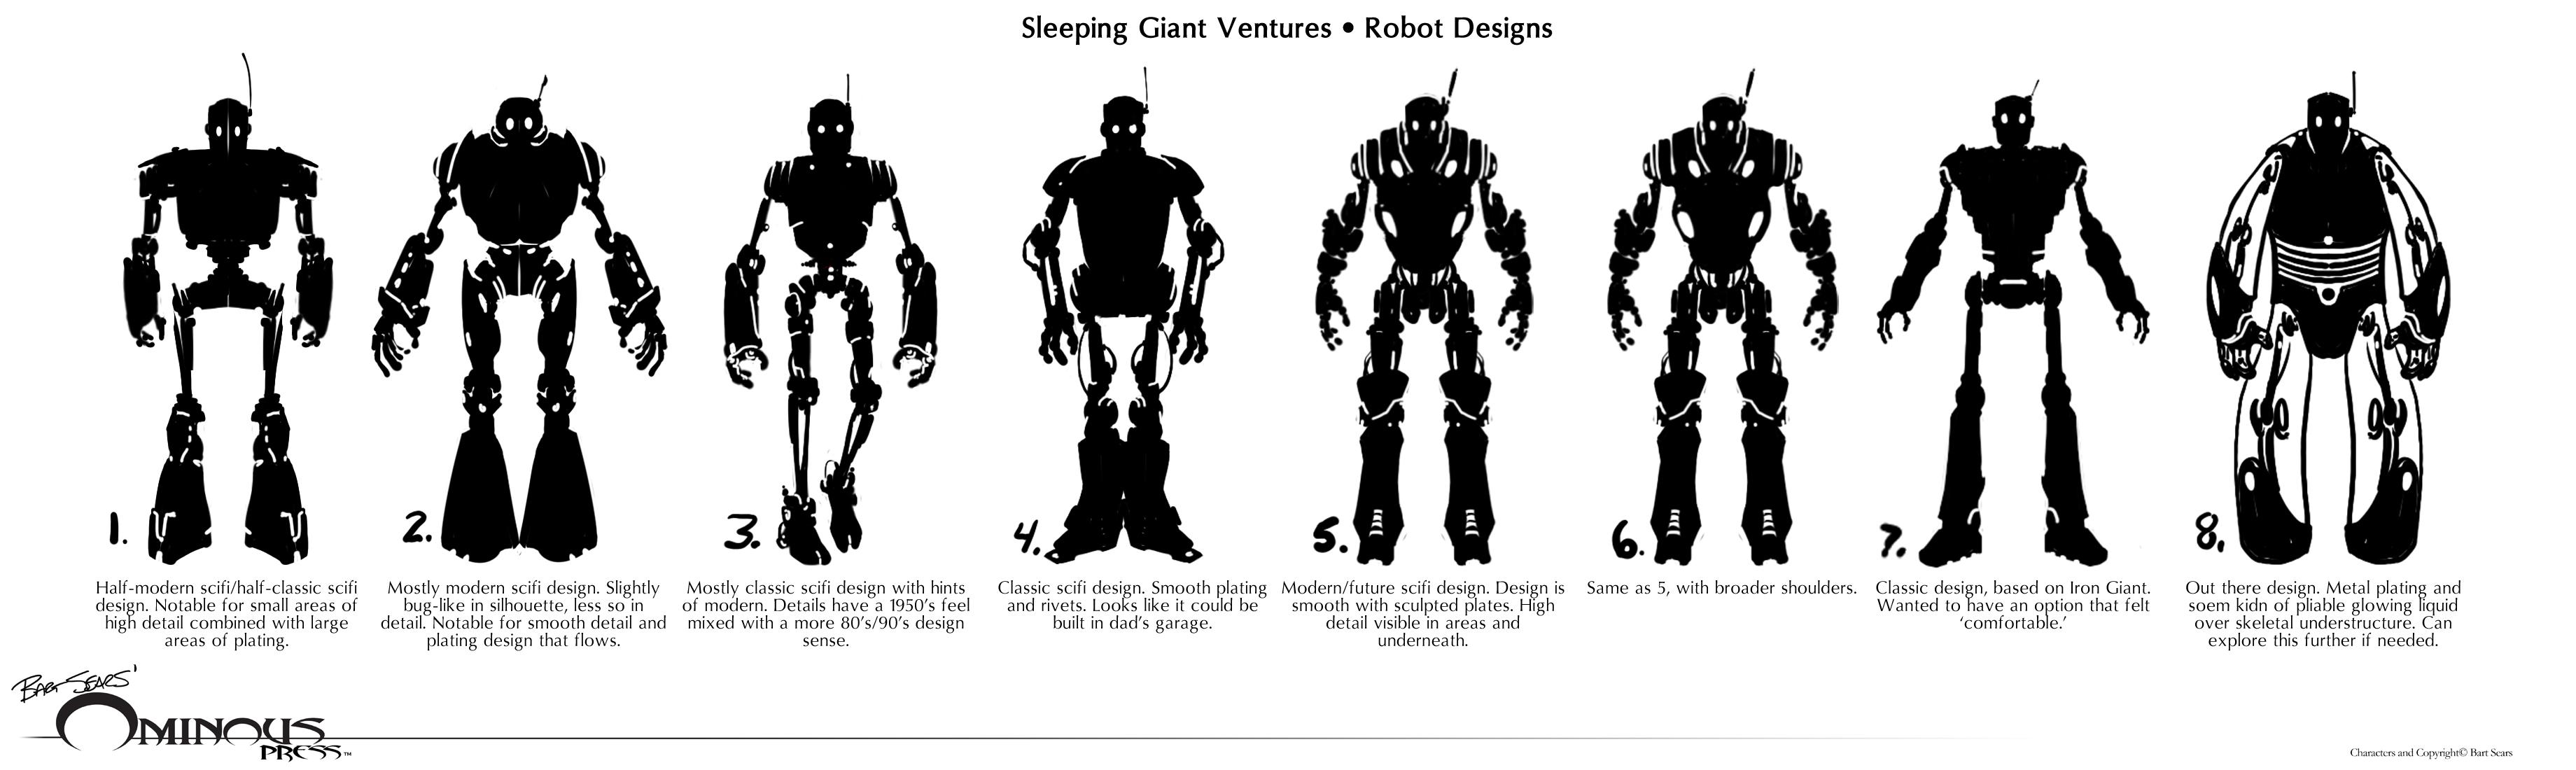 SGV_Robot_Design_Silo_Line-up